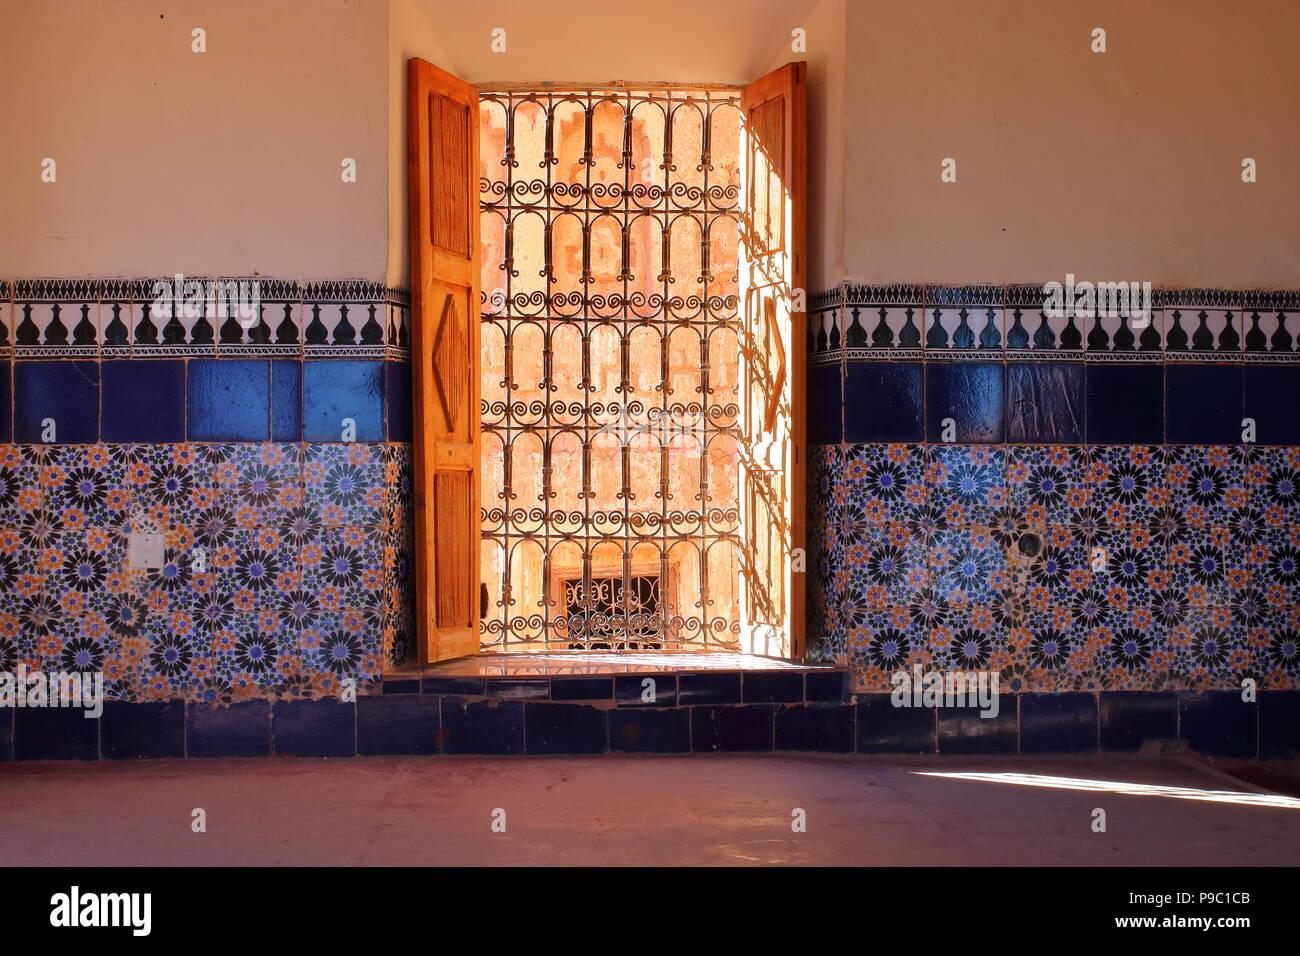 Piastrelle marocchine tradizionali immagini piastrelle